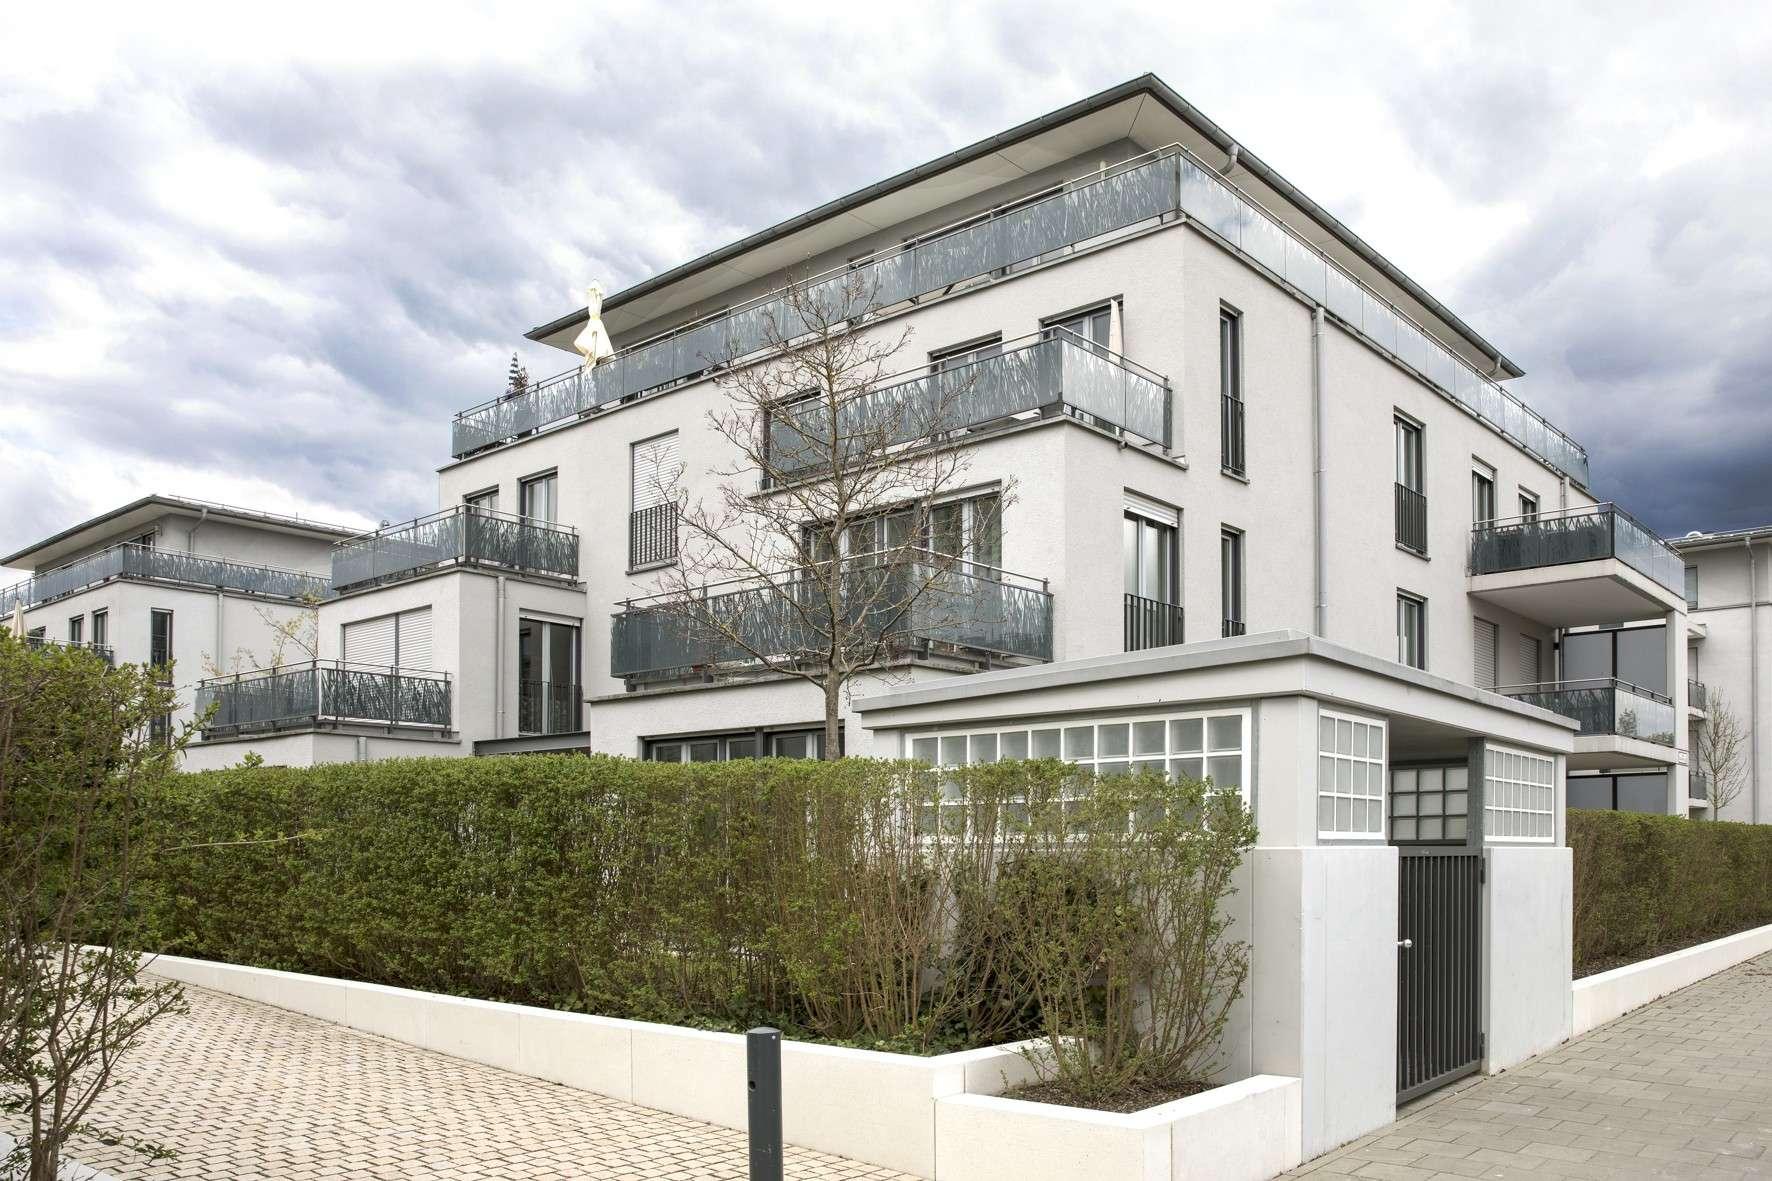 1445 €, 58,79 m², 2 Zimmer in Garching bei München